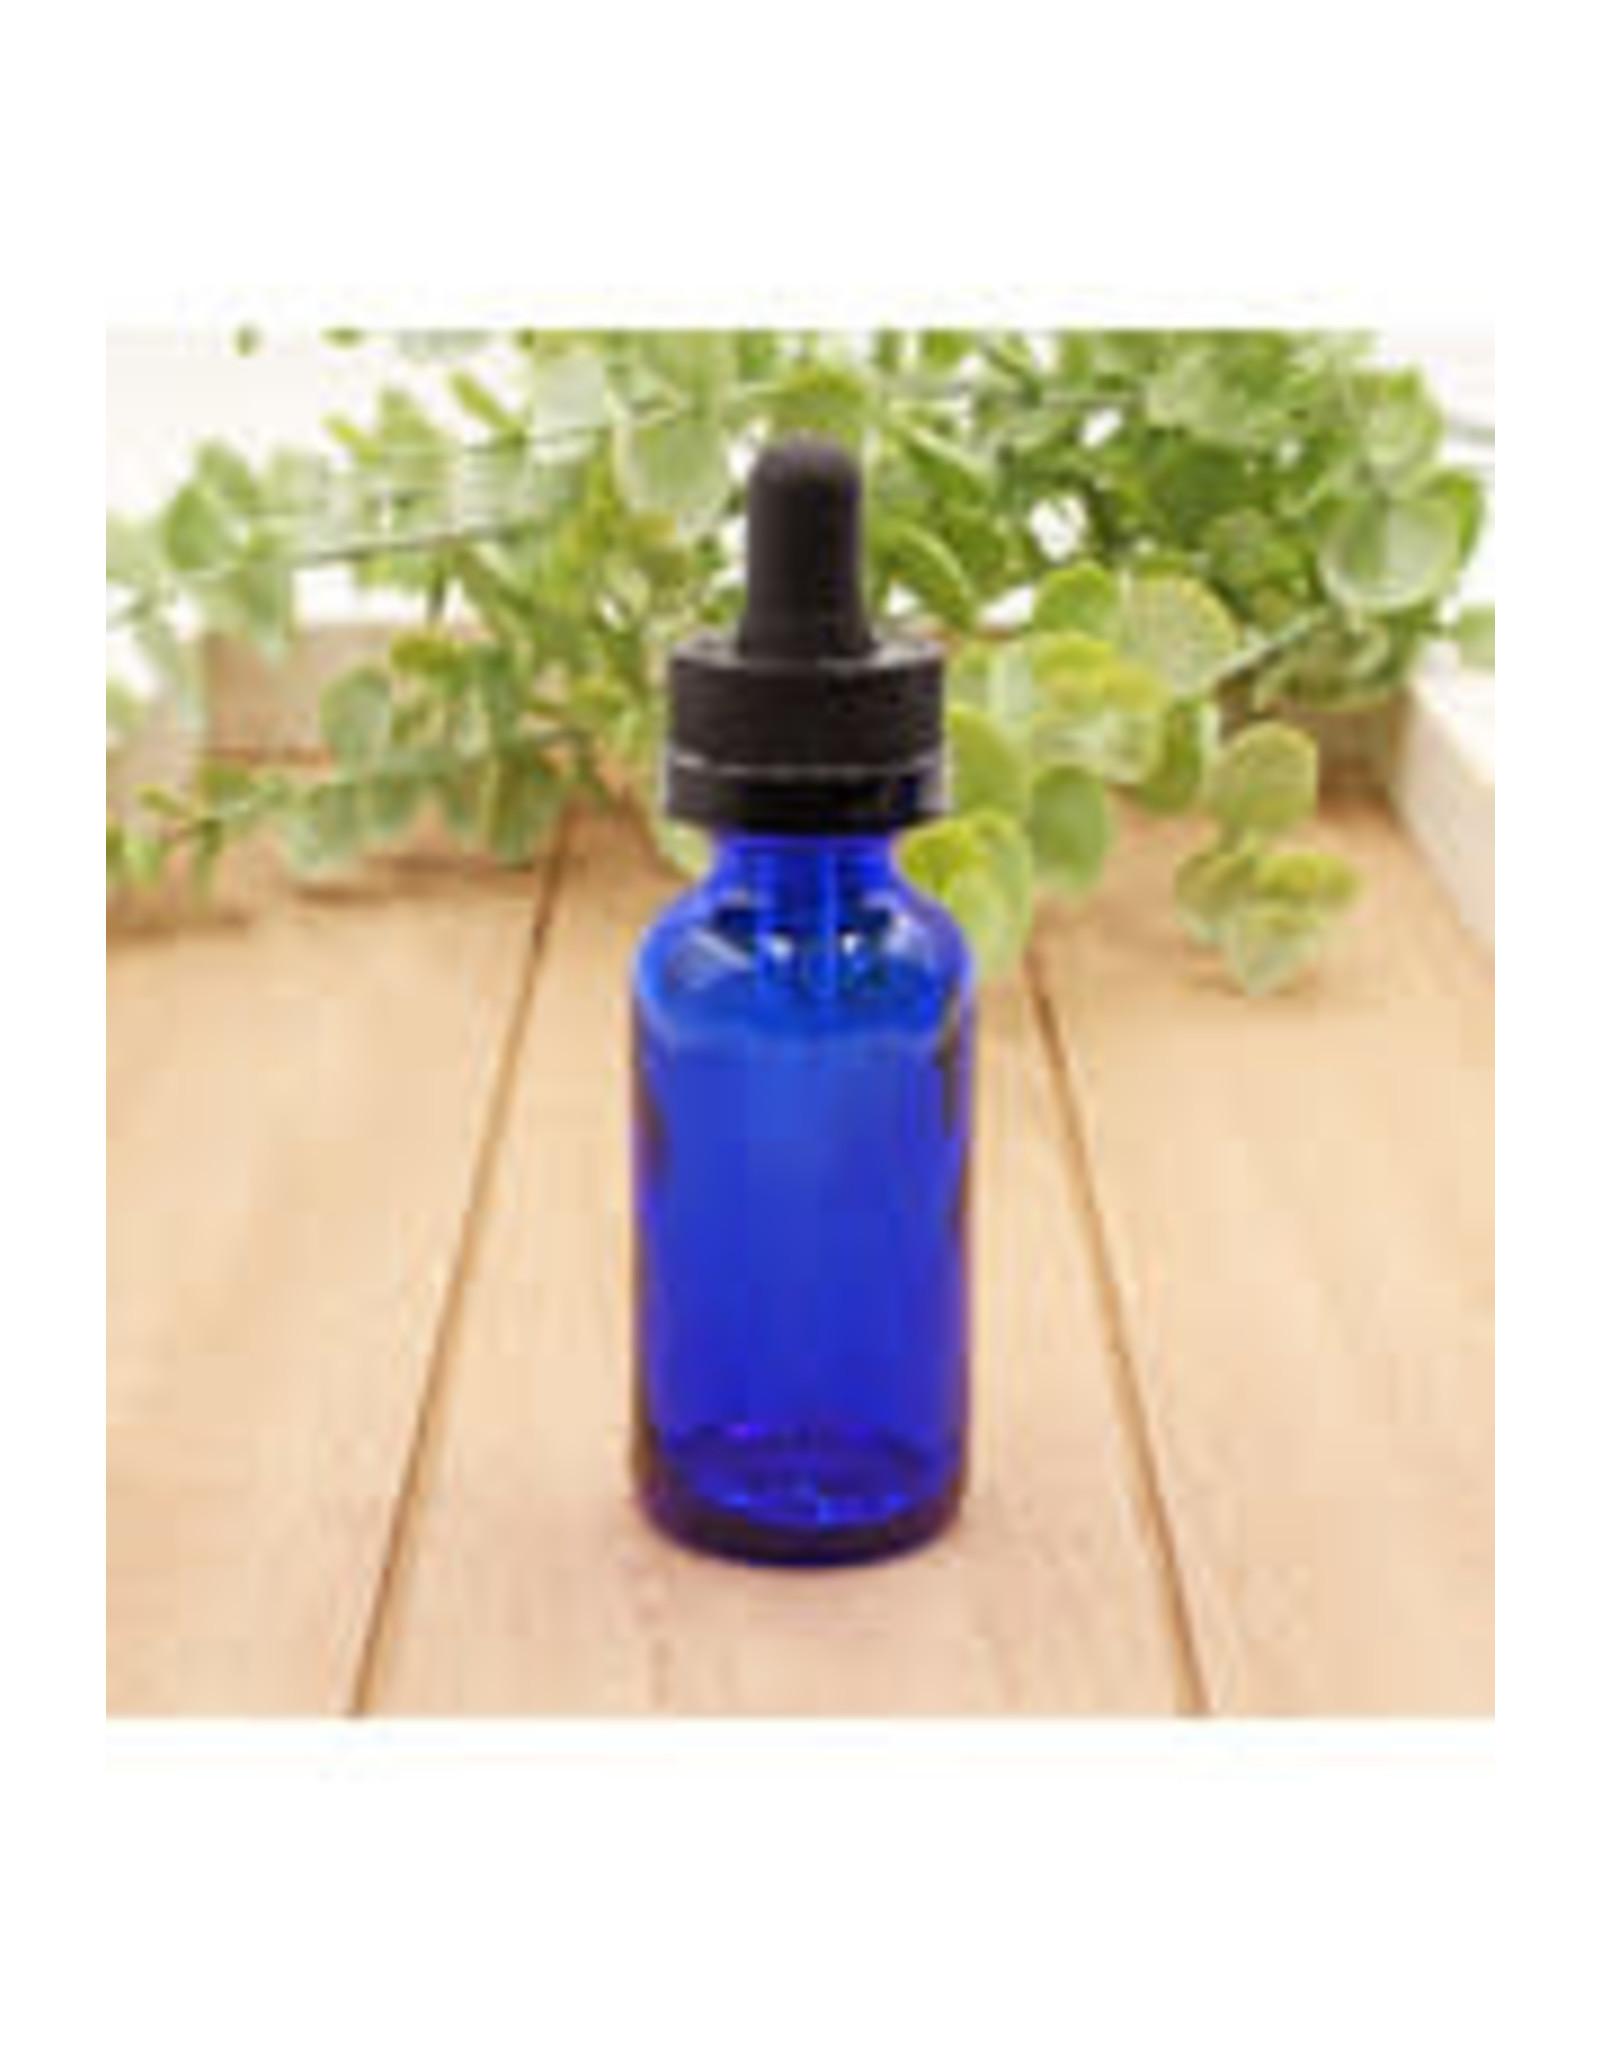 Matrix Aromatherapy 1oz Blue Glass Bottle w/Dropper